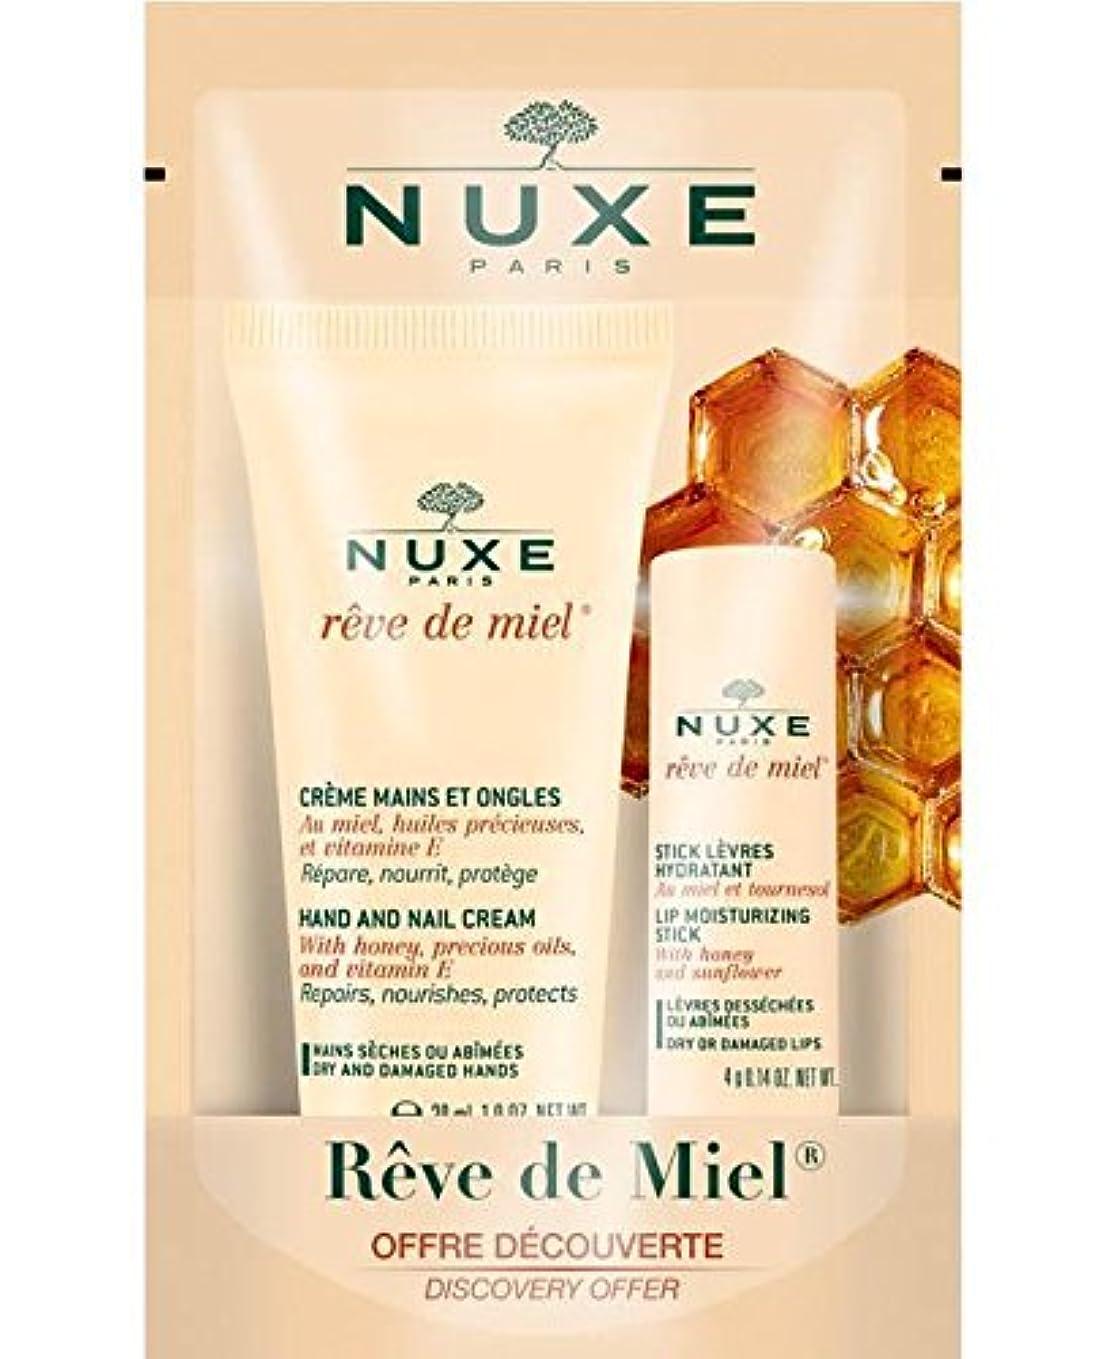 ニュクス[NUXE] レーブドミエル ハンド&ネイル クリーム 30mlとレーブドミエル リップ モイスチャライジング スティック 4g 2本セット